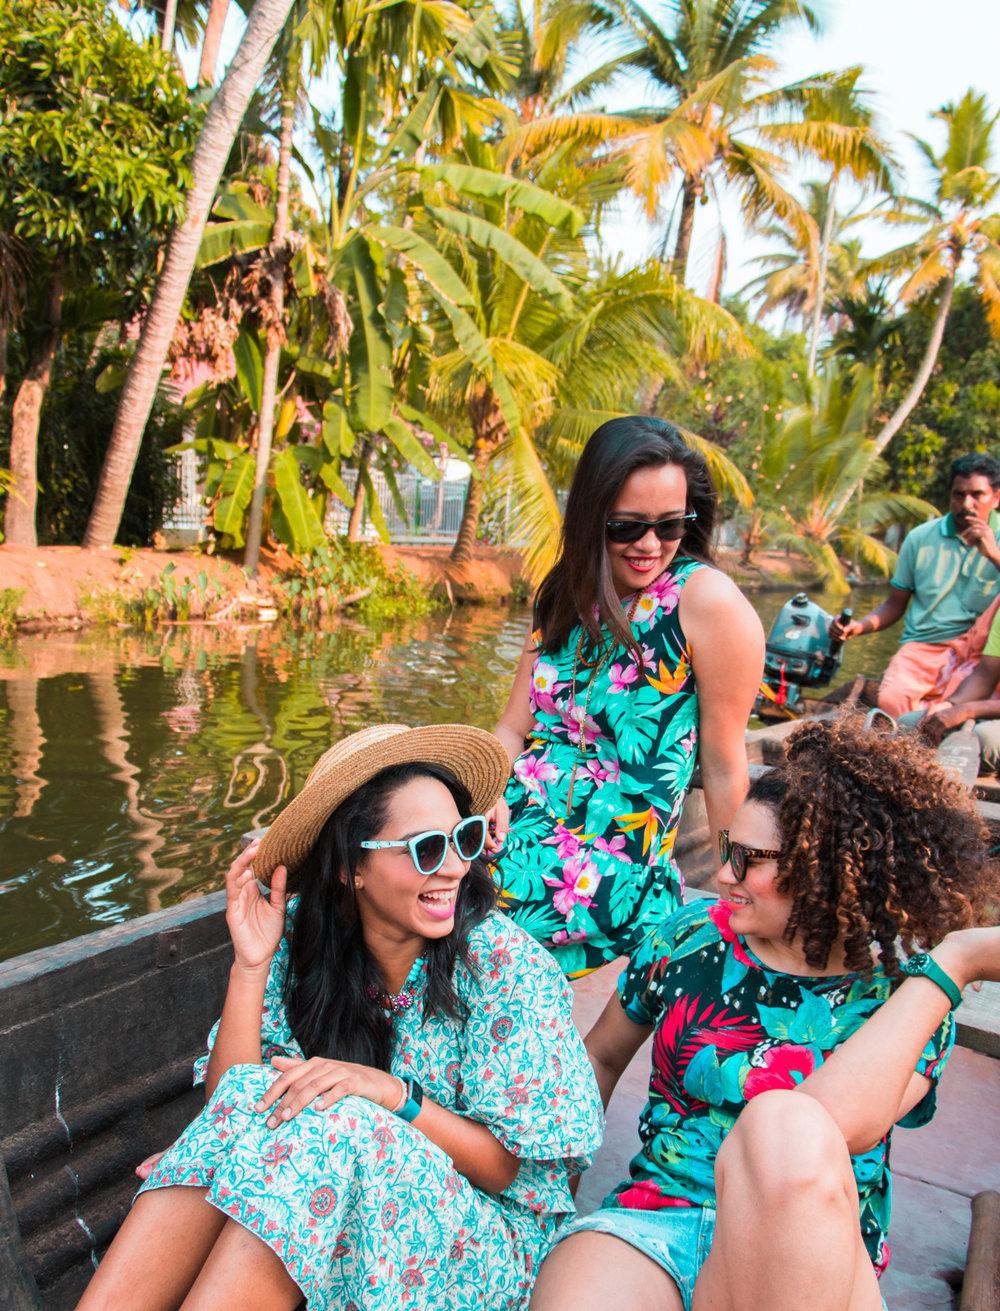 ¿Interesado en viajar a la India? Aquí la guía completa que necesitas saber: vuelos, vestimienta, lugares turísticos, costo, transporte y mucho más. viaje-india-travel-guia-47-alleppey-boat-ride-canals